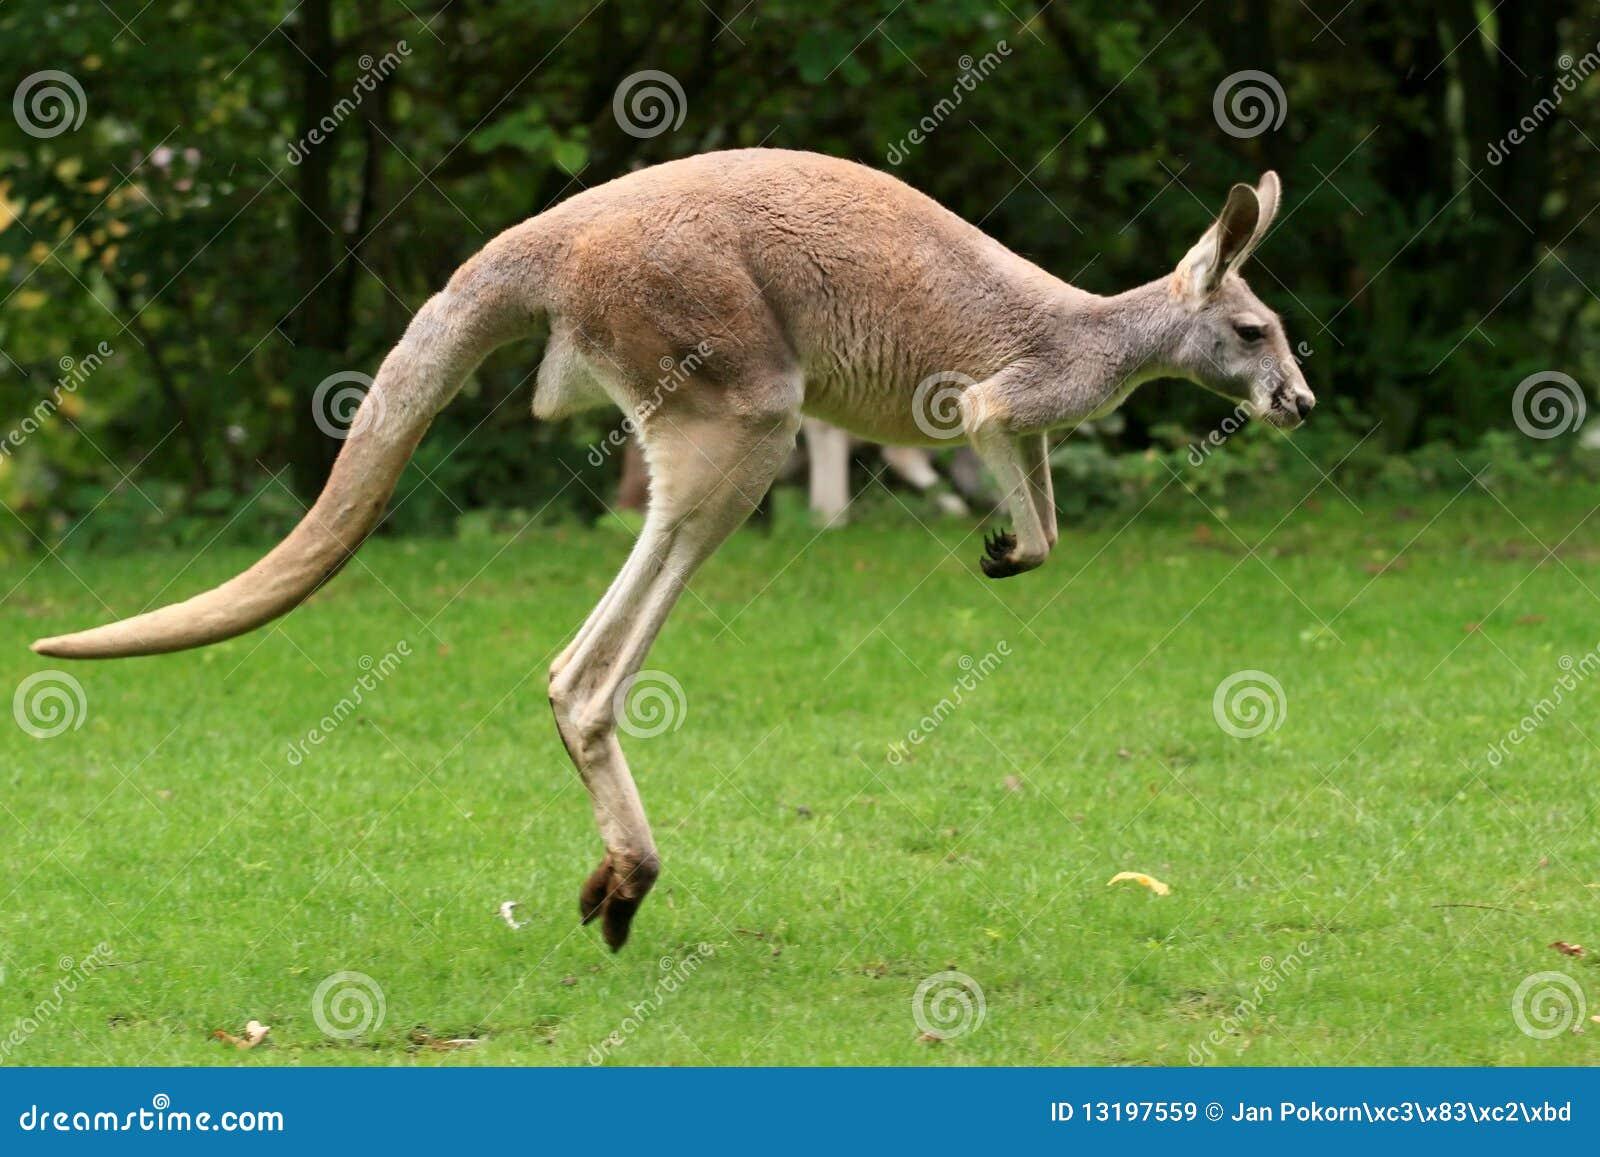 känguru sprung